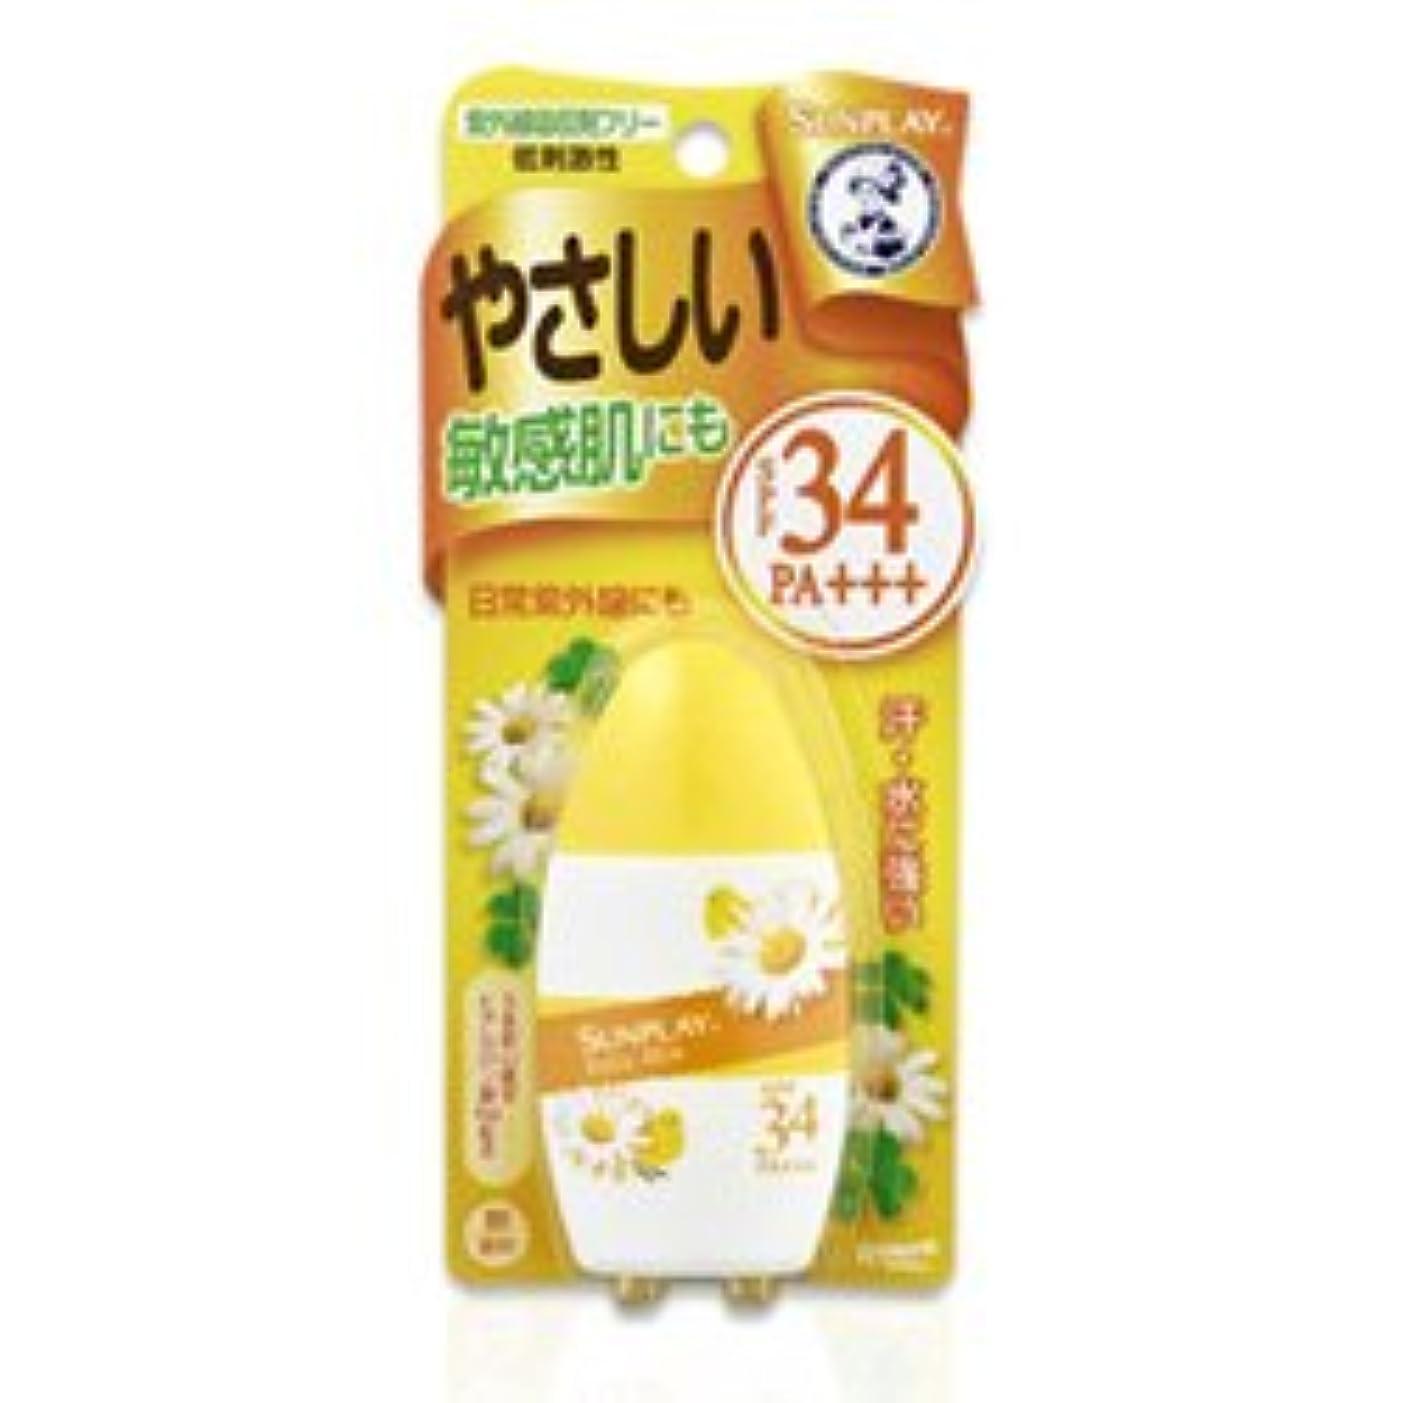 カスタム吹きさらしモンゴメリー【ロート製薬】メンソレータム サンプレイ ベビーミルク 30g ×3個セット